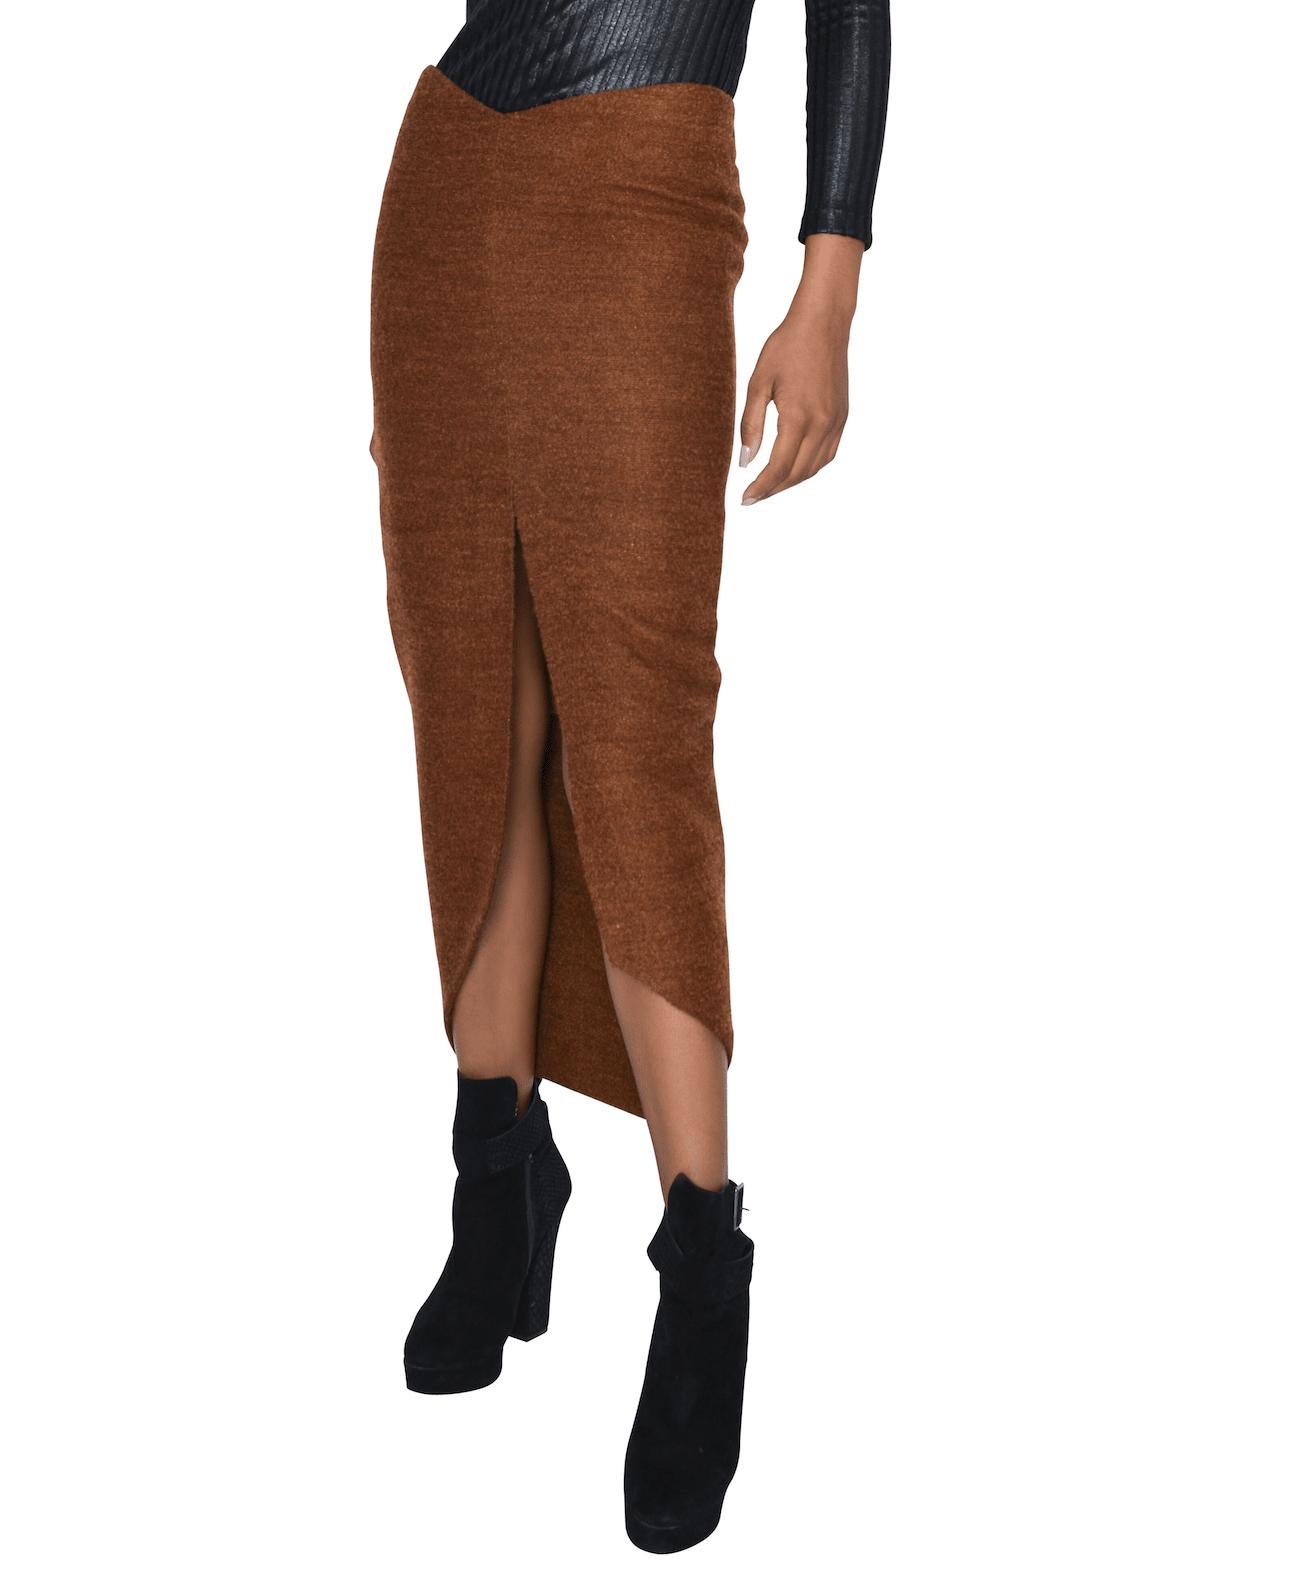 Skirt THUBAN I 0